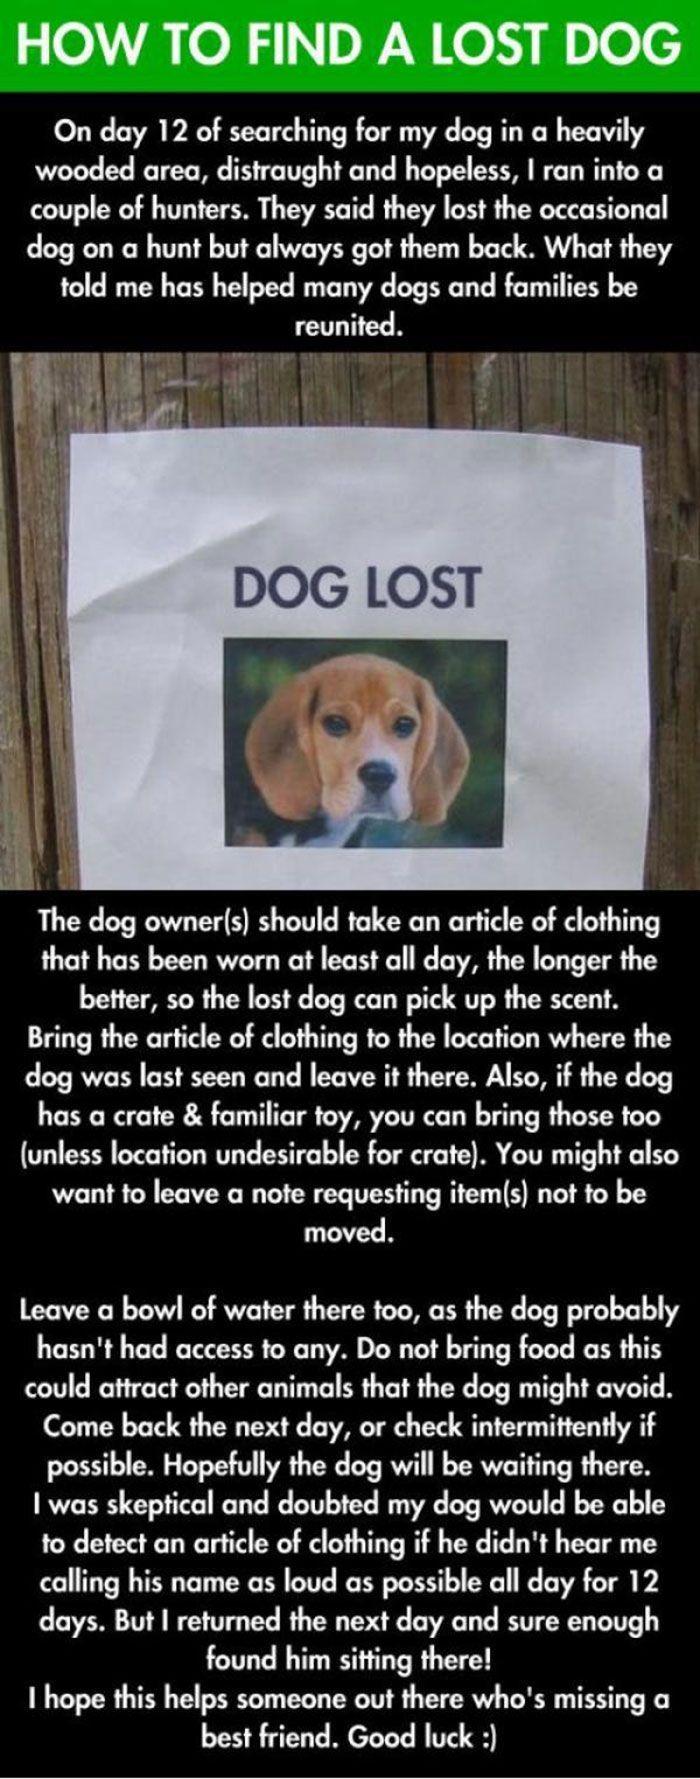 How to find a lost dog. Altre volte nemmeno così lo si ritrova :'( però esistono i miracoli e lo ritrovi dopo 9 mesi a tanti km di distanza :-D♡♡♡